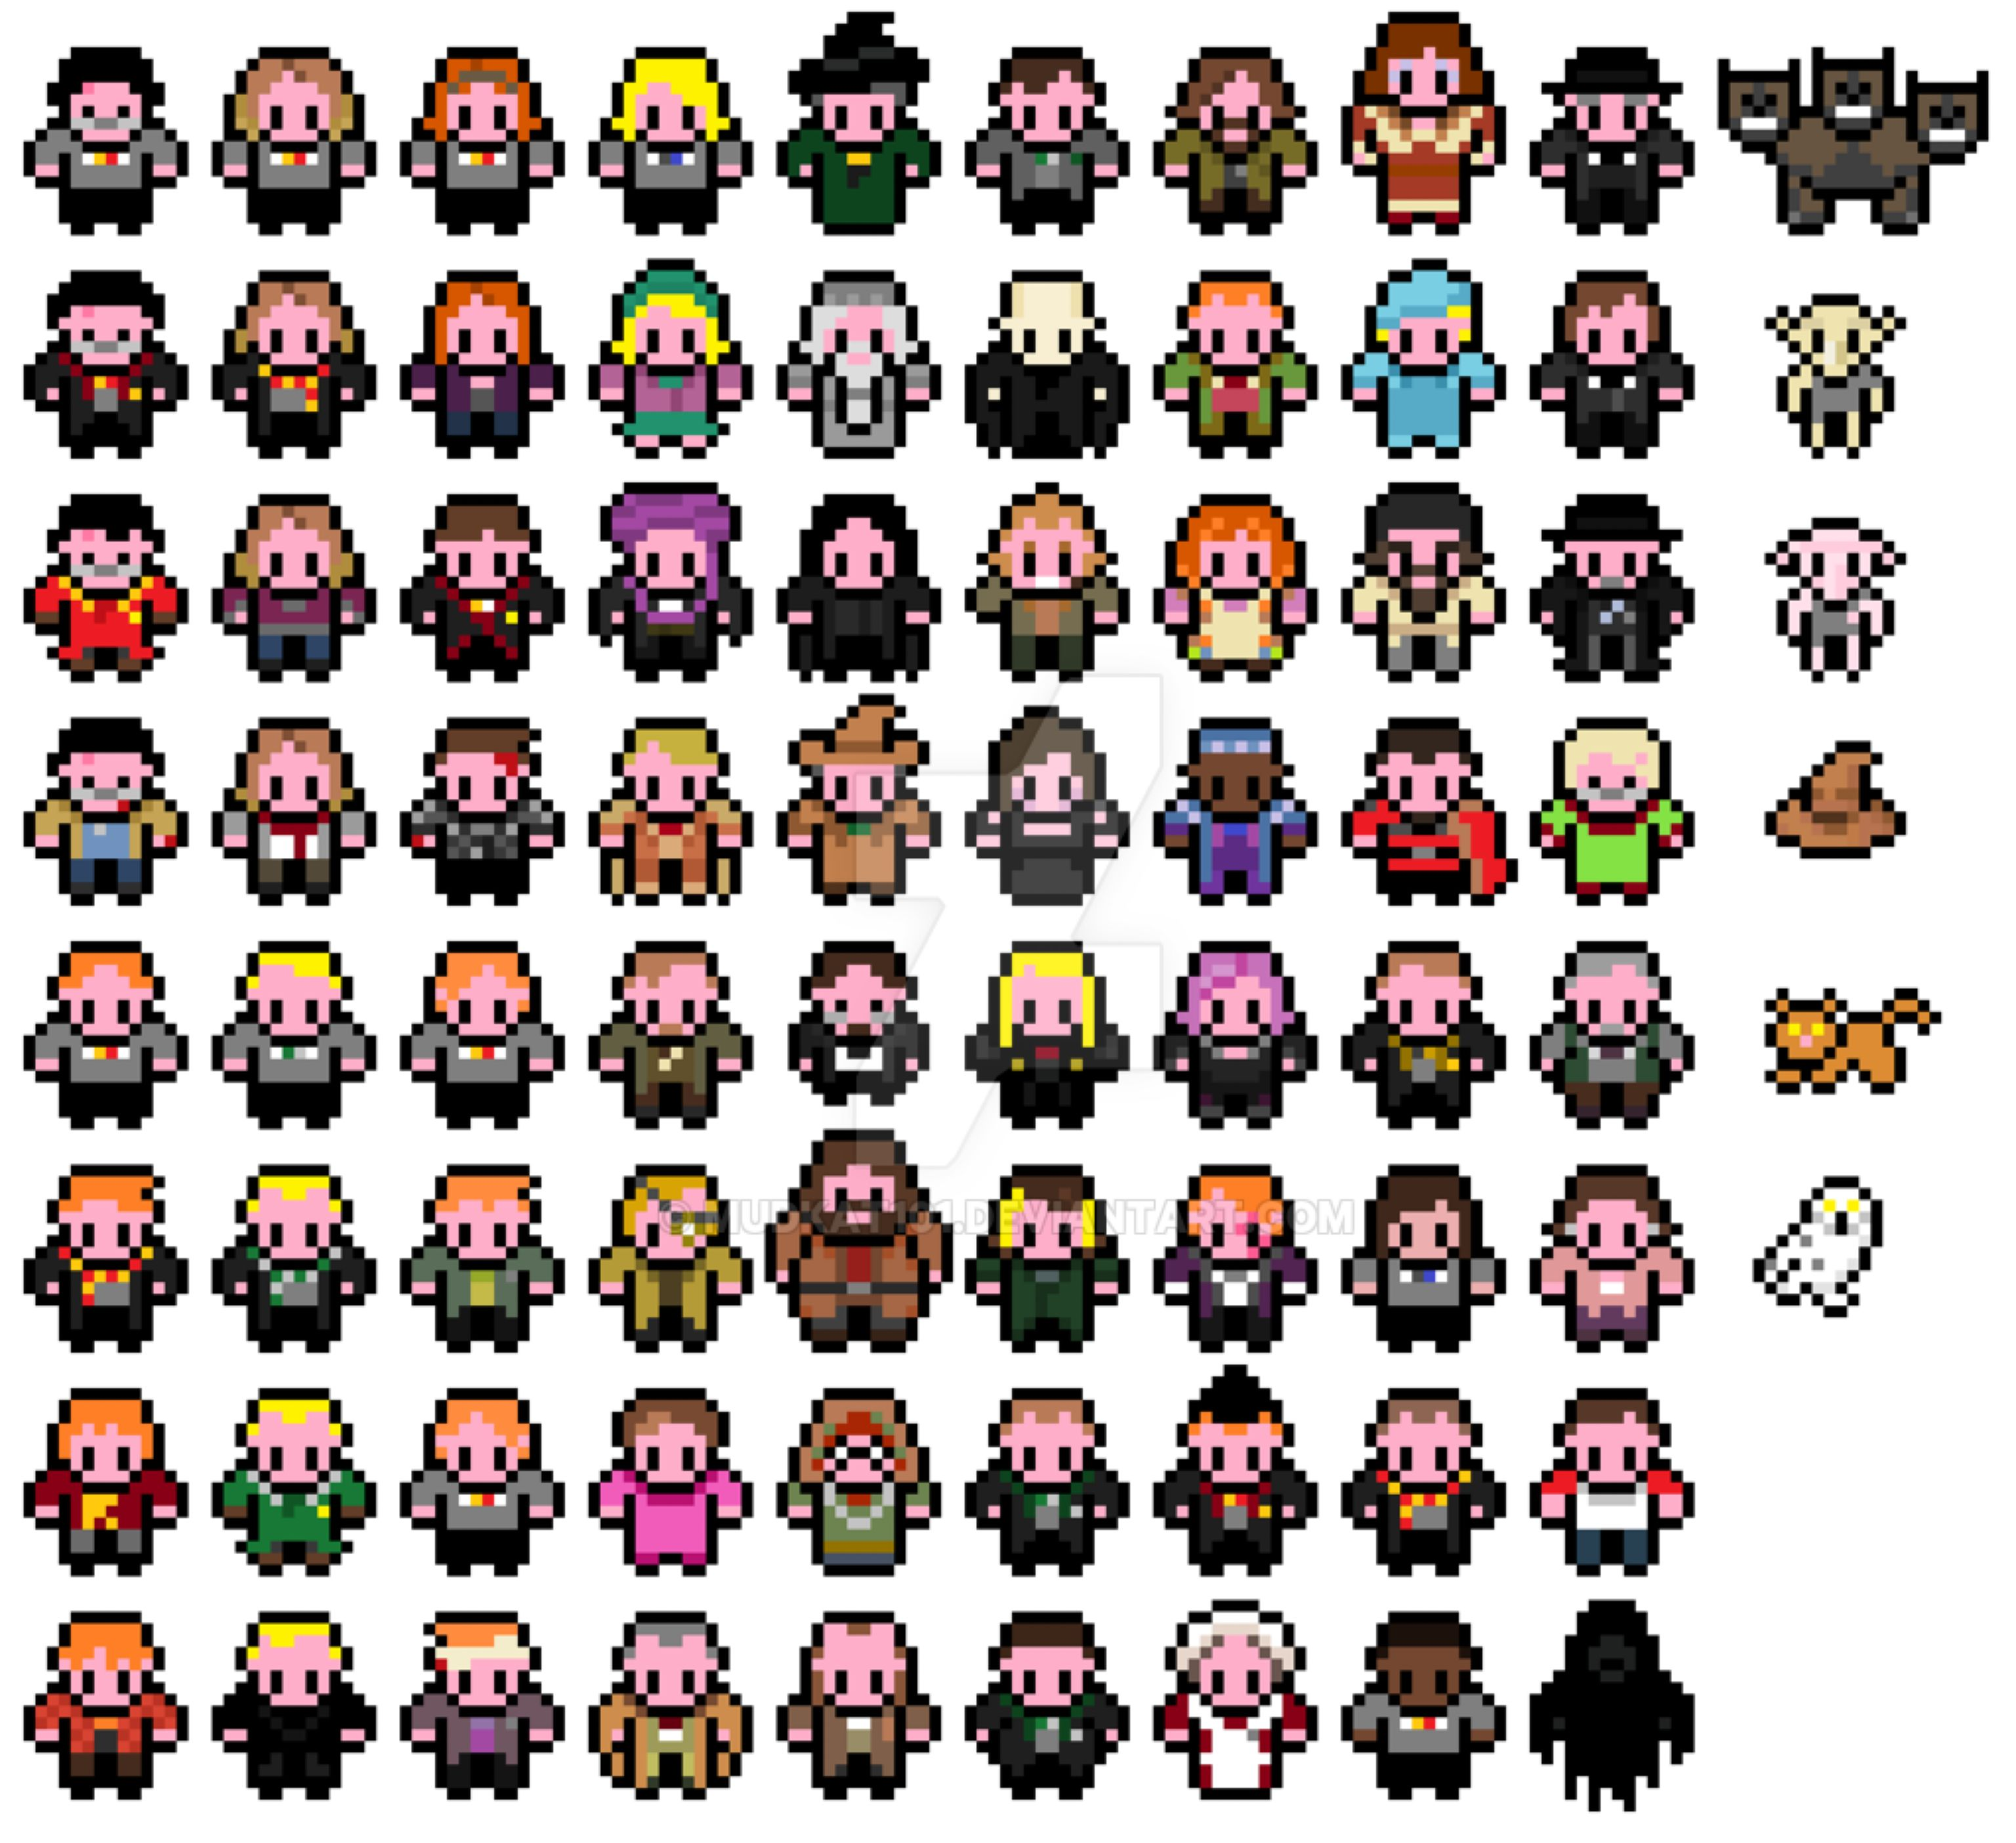 Фото персонажей из пиксельных игр